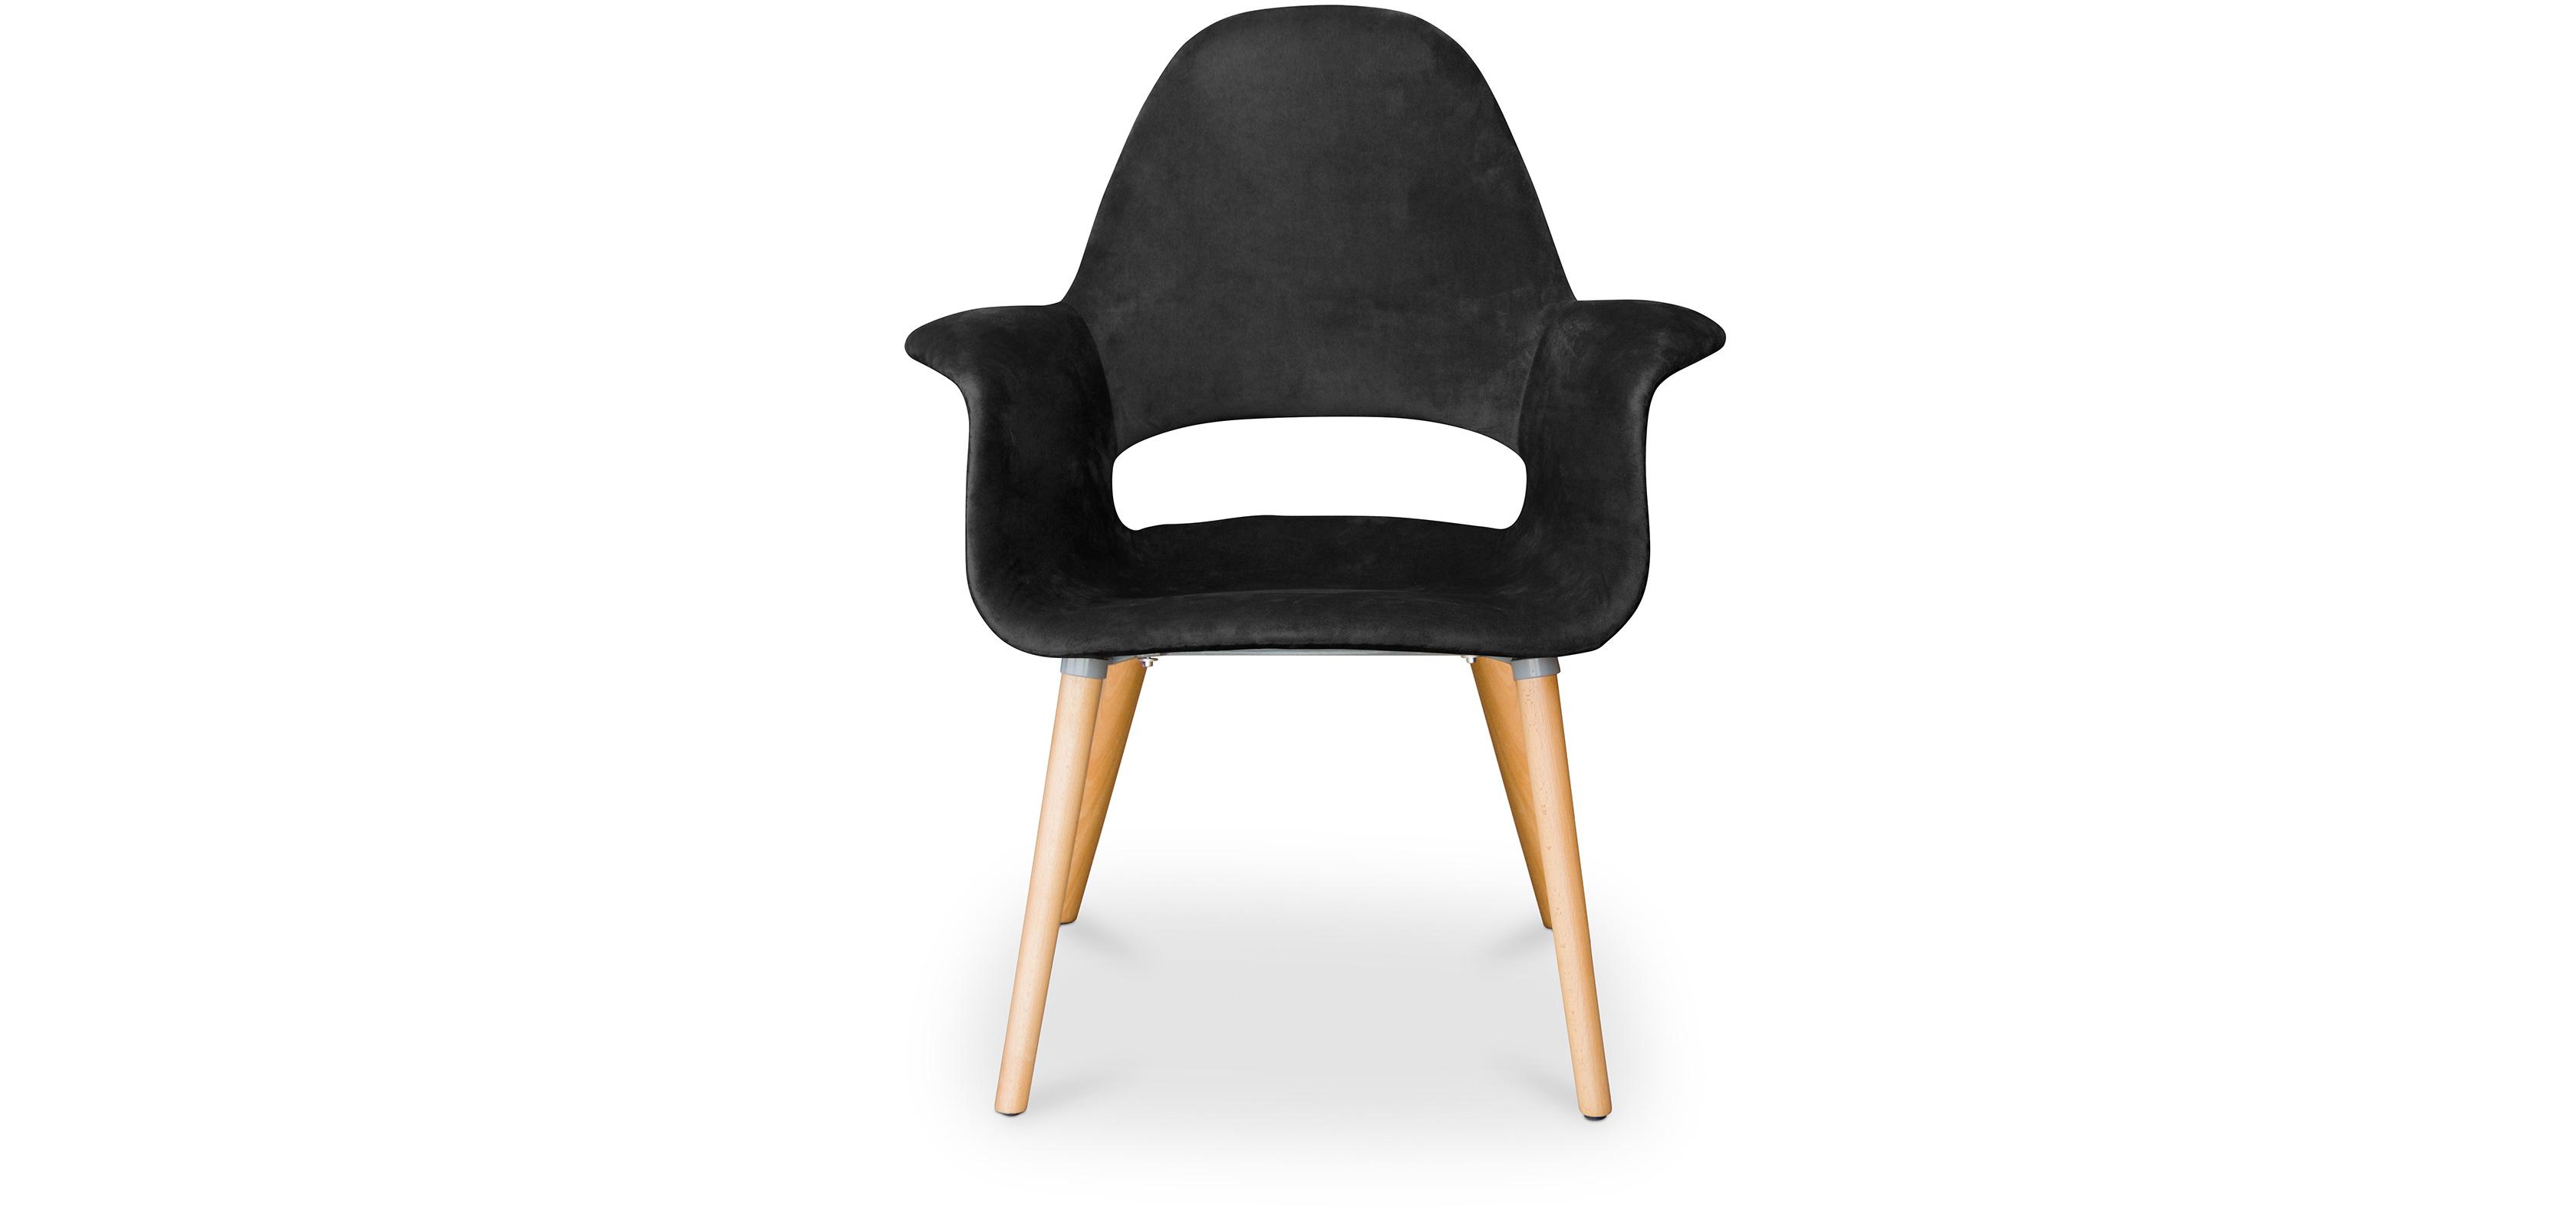 organic skandinavisches design stuhl eero saarinen stoff. Black Bedroom Furniture Sets. Home Design Ideas